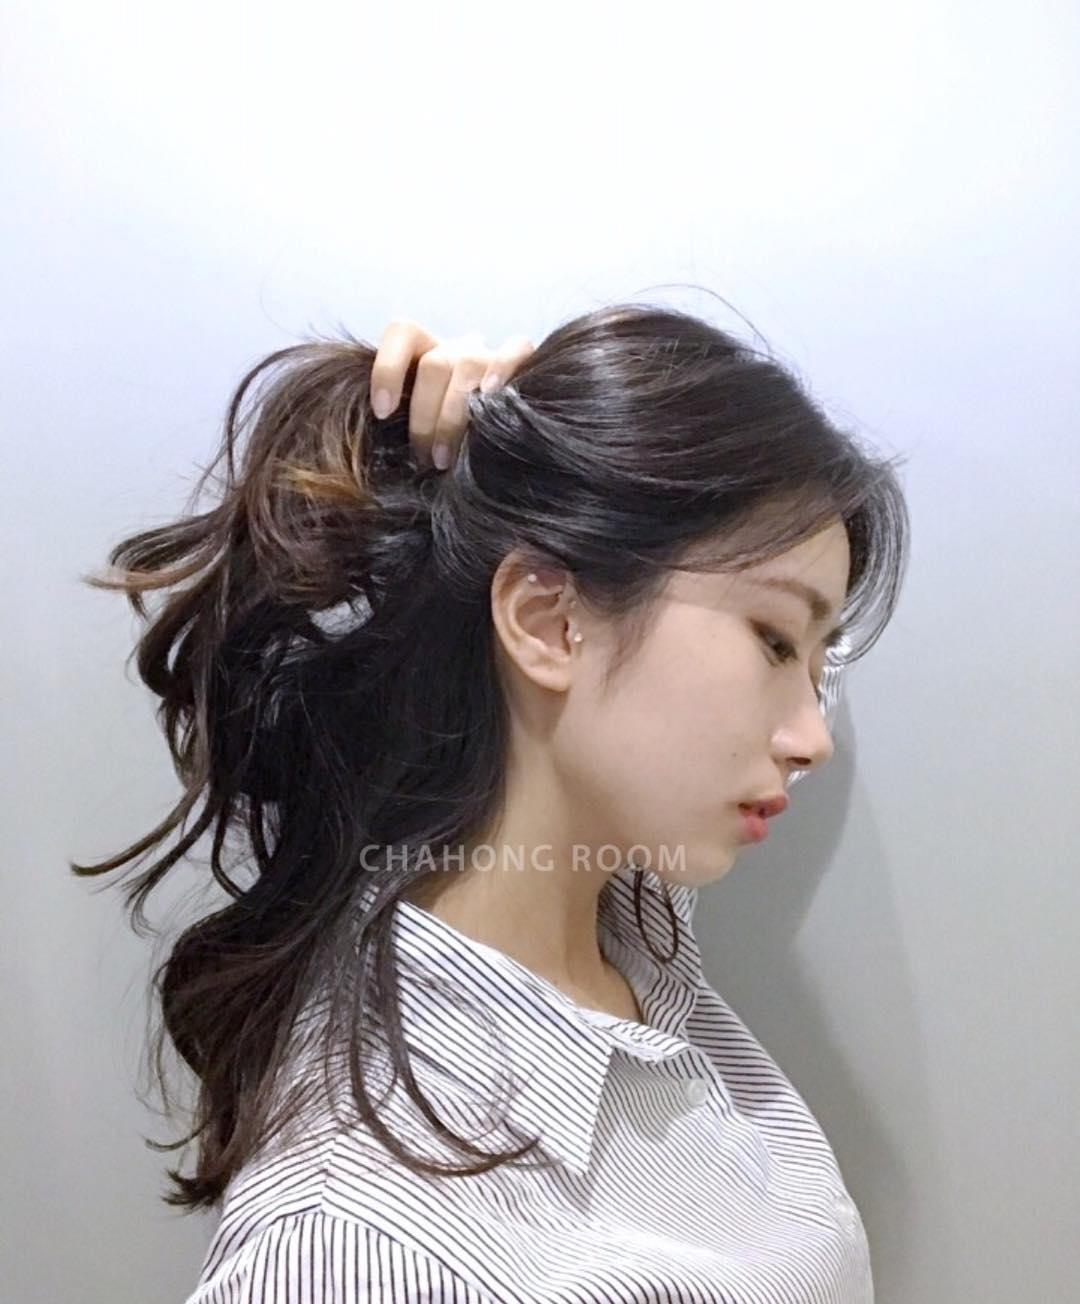 Kiểu tóc xoăn sóng lơi là gì?